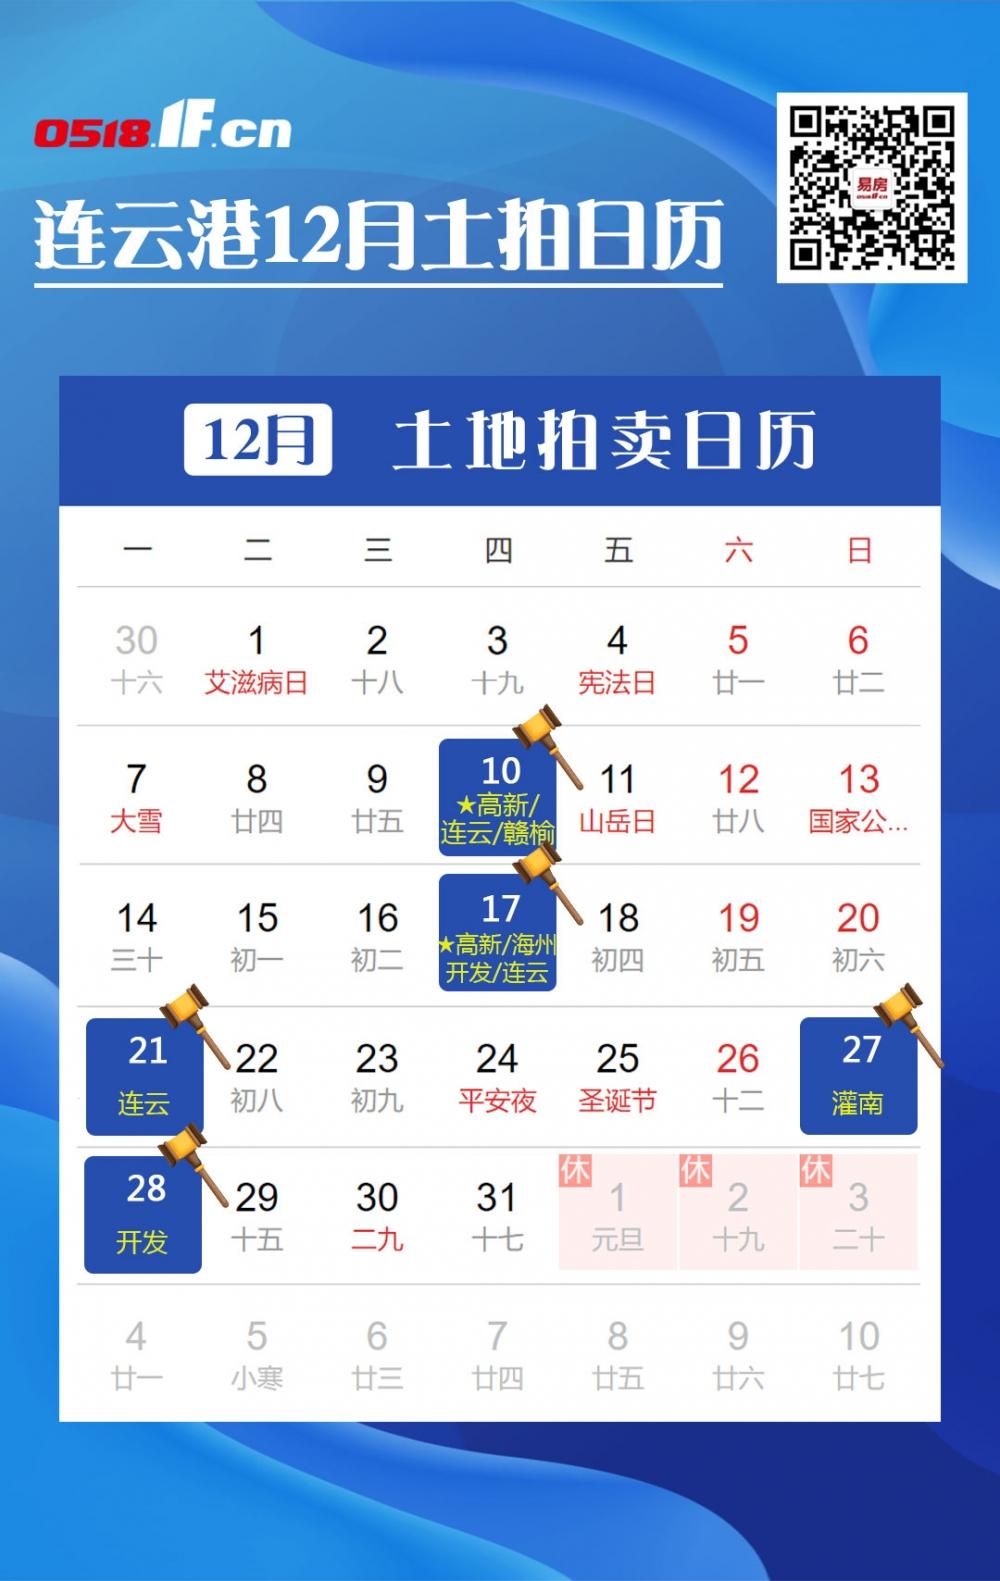 12月份连云港全市共有23宗地块将出让,其中12宗为商住用地,主要分布在海州区、开发区、高新区、赣榆区。